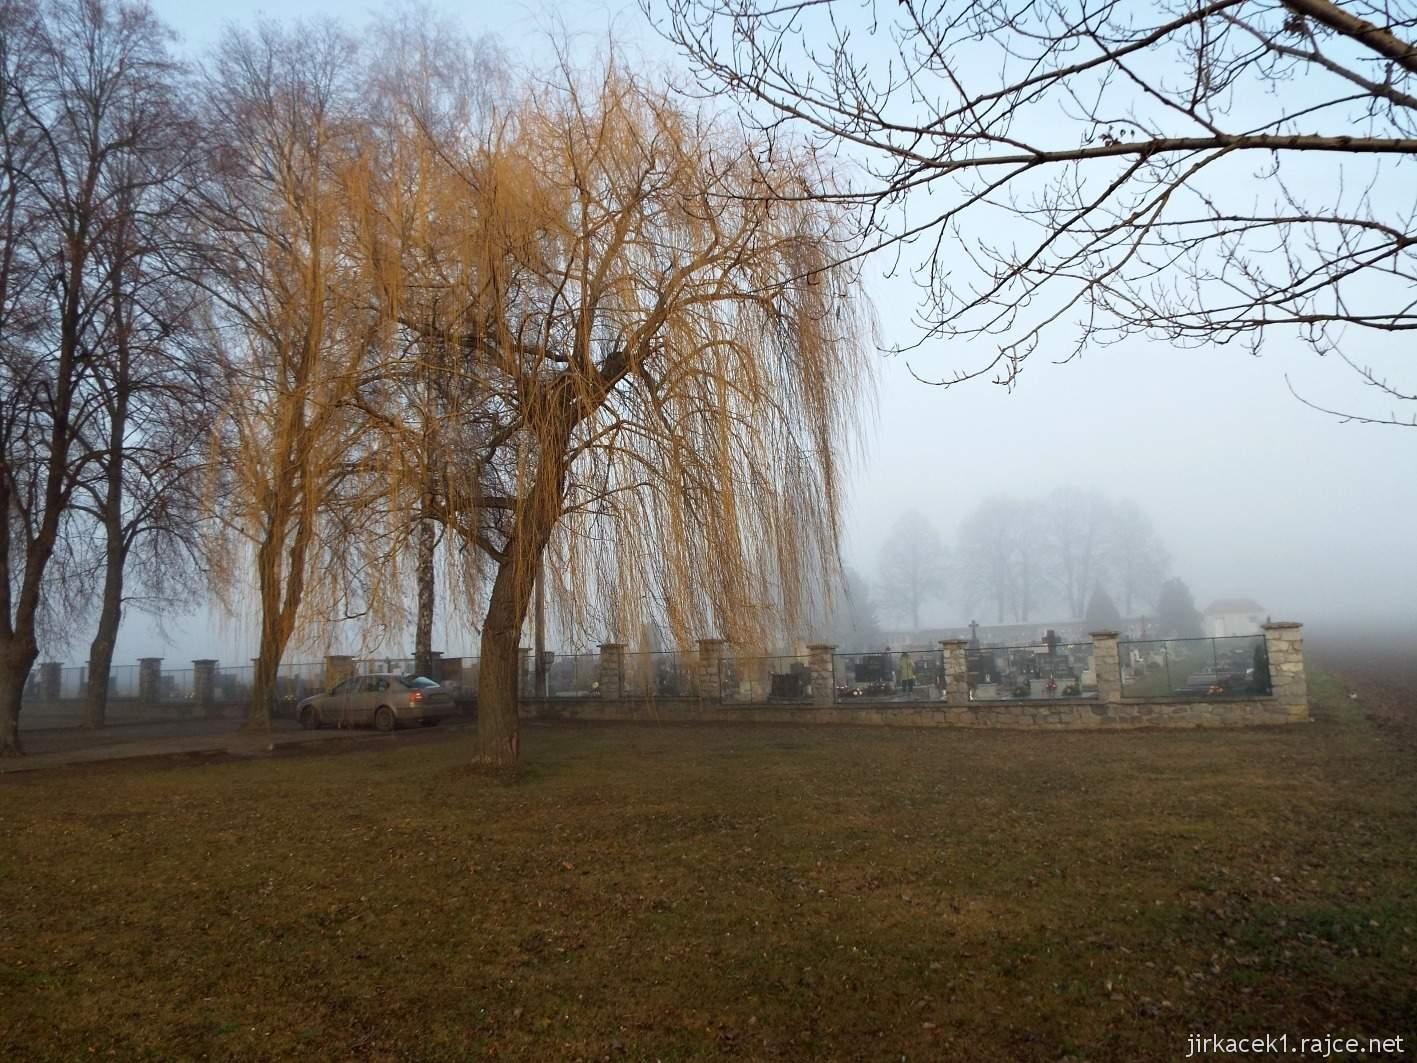 092 - vrba u hřbitova mez Krumsínem a Soběsuky